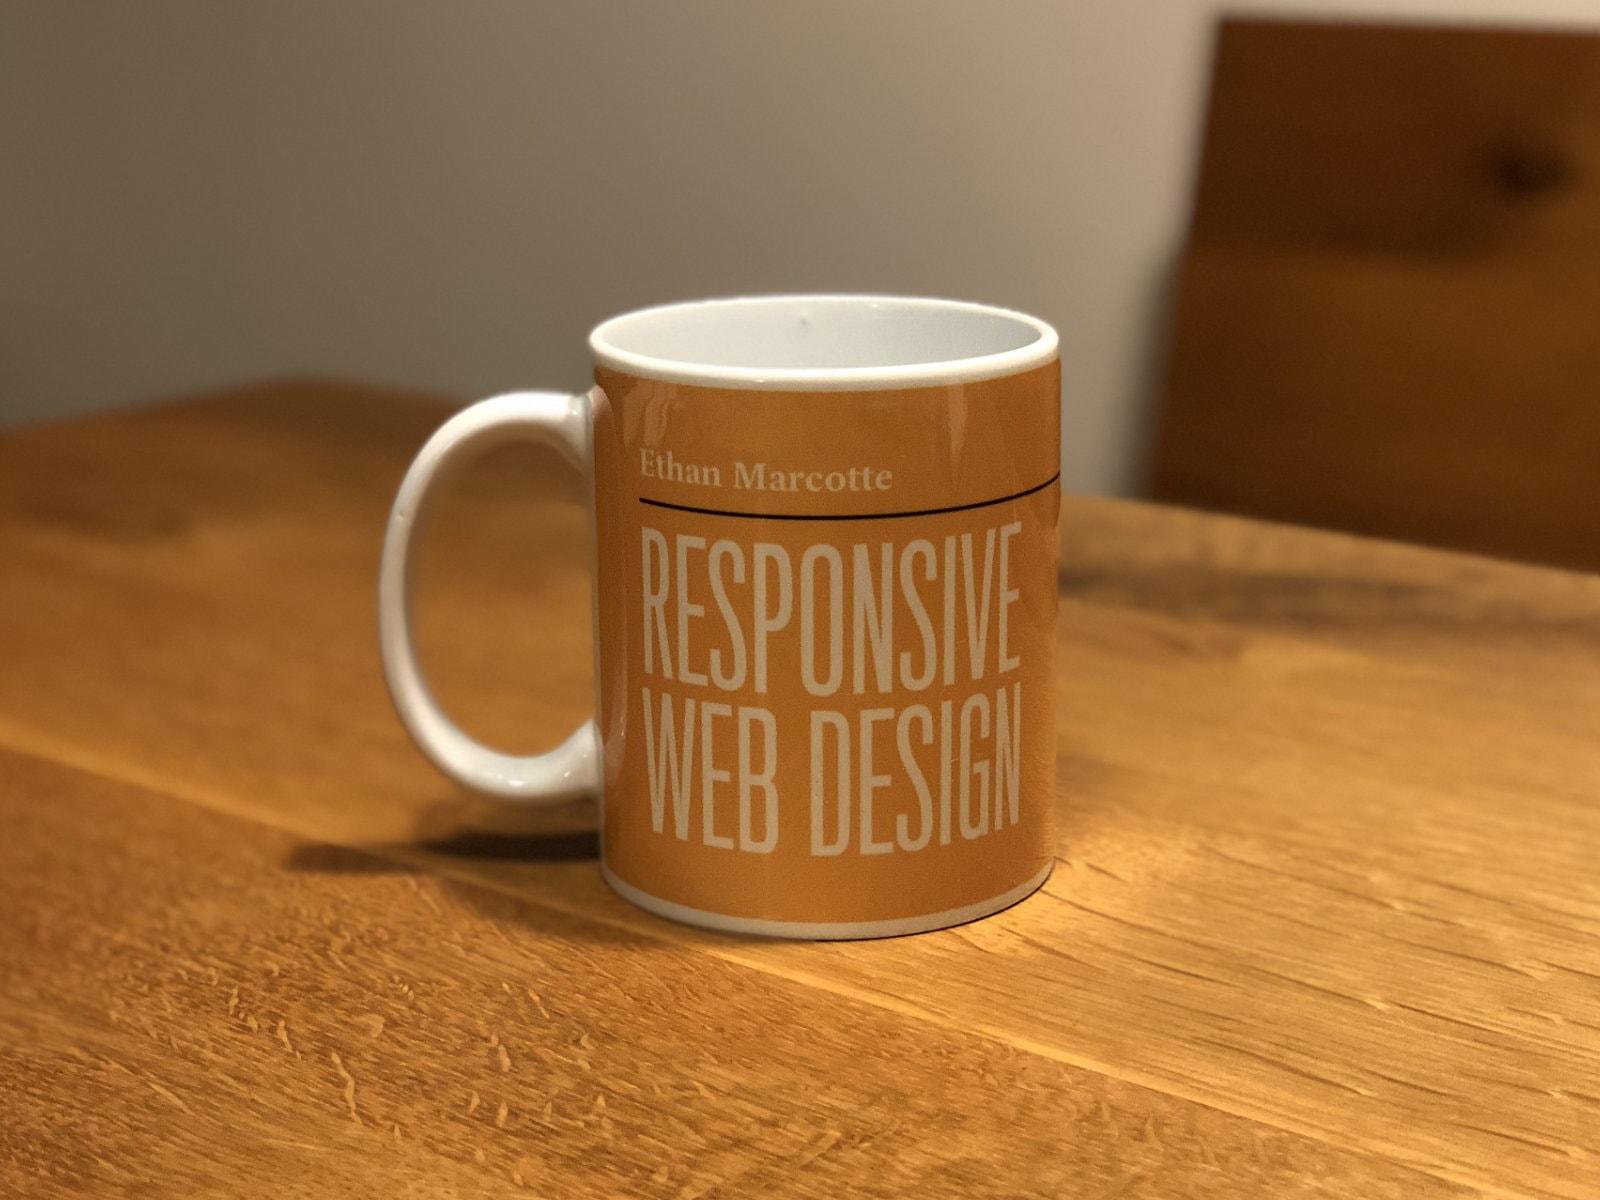 Responsive Web Designマグカップの表側